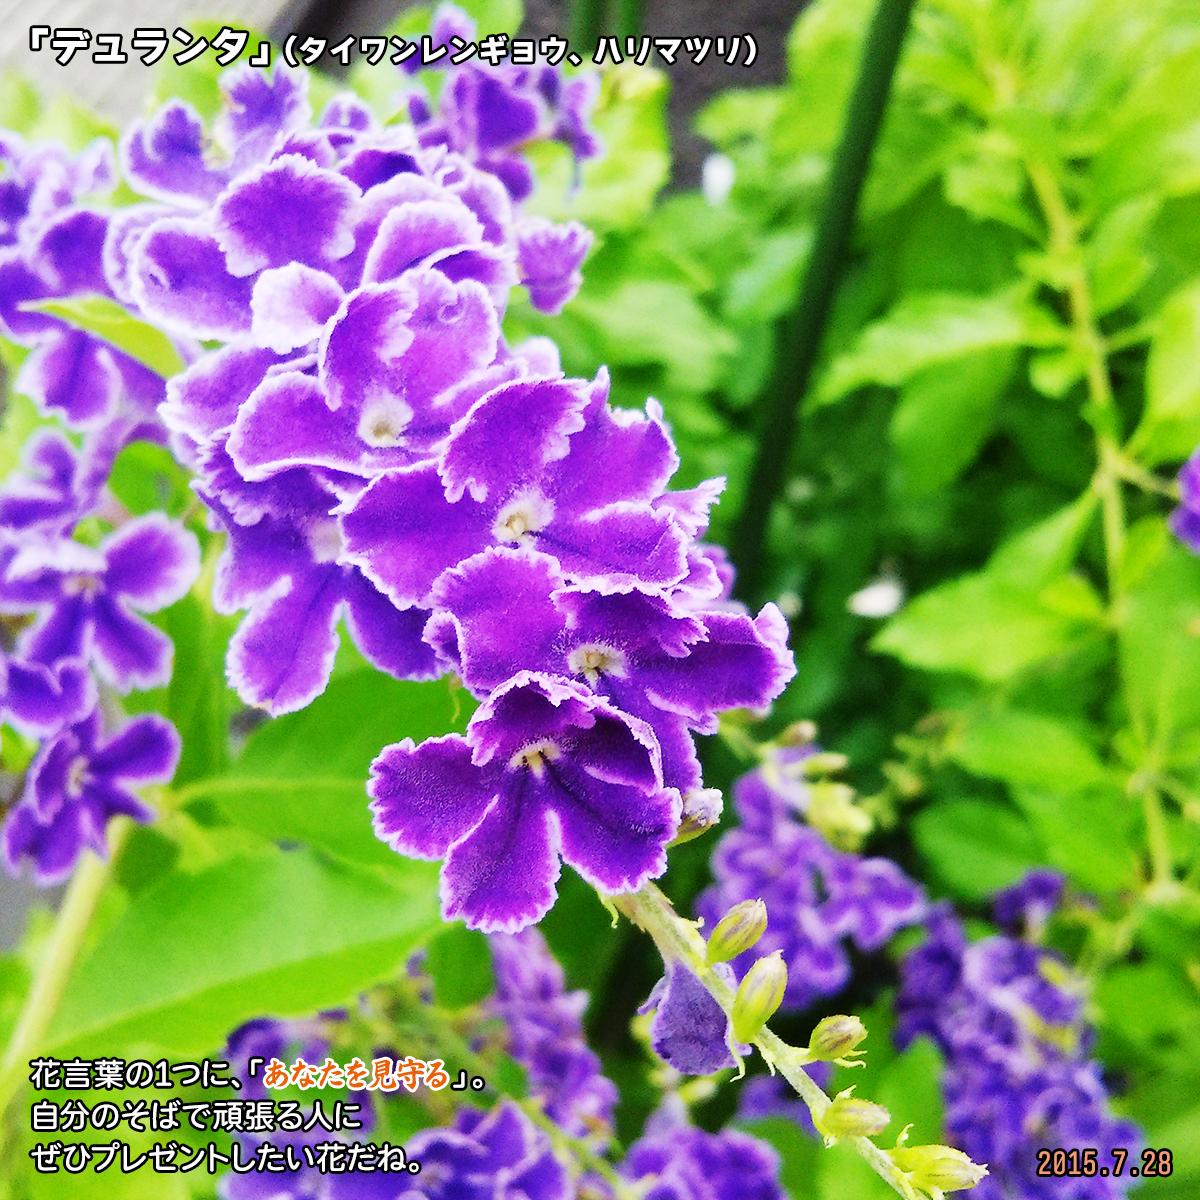 DSC_0826_2020011219405011c.jpg